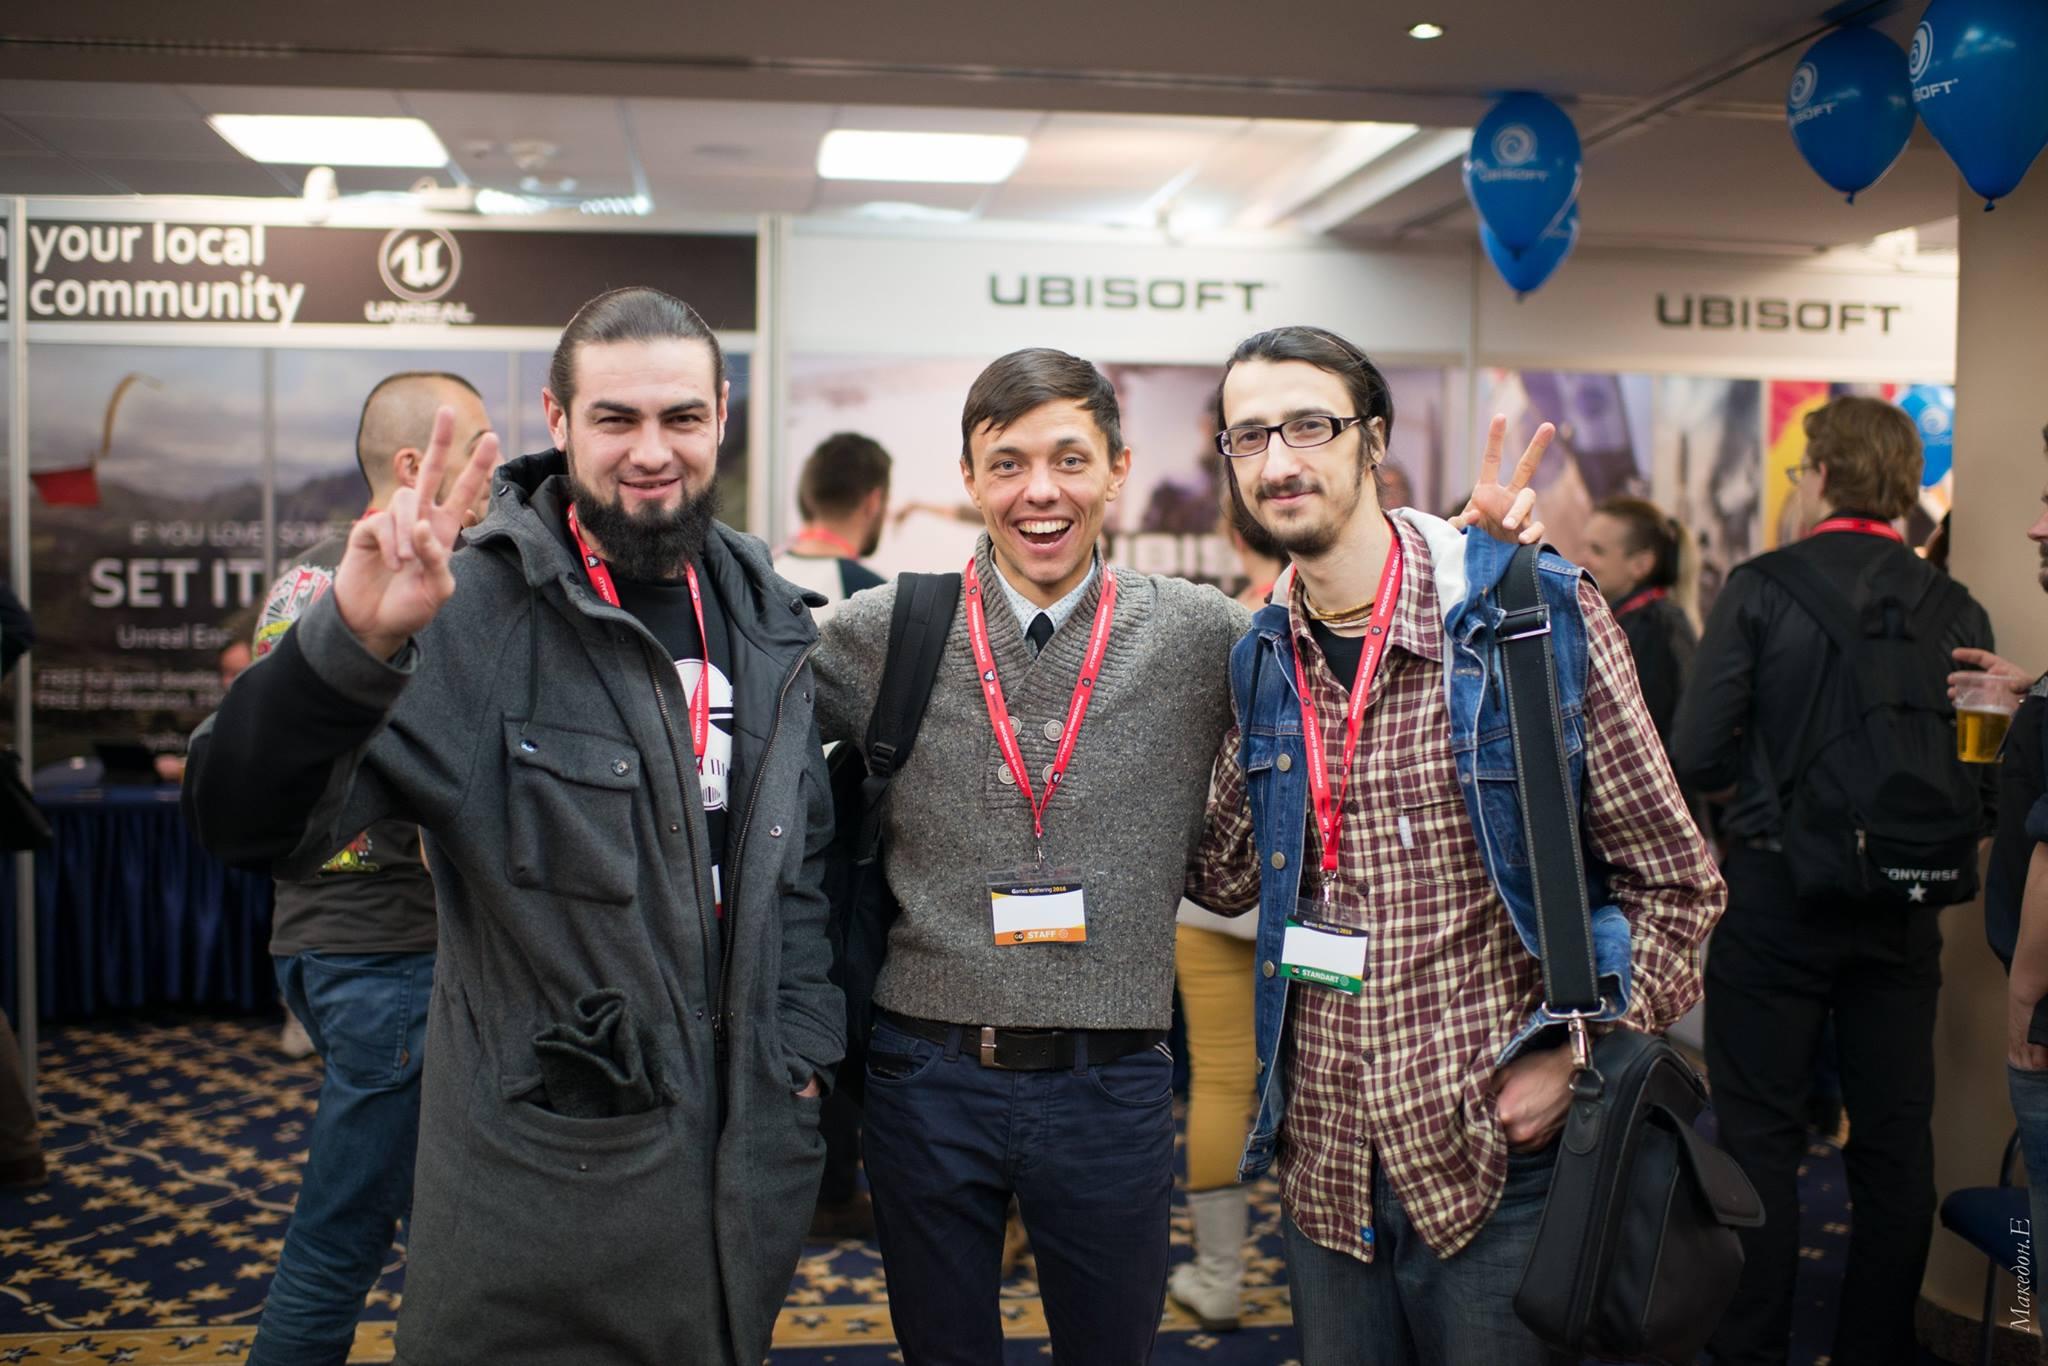 В Украине прошла конференция разработчиков игр Games Gathering 2016